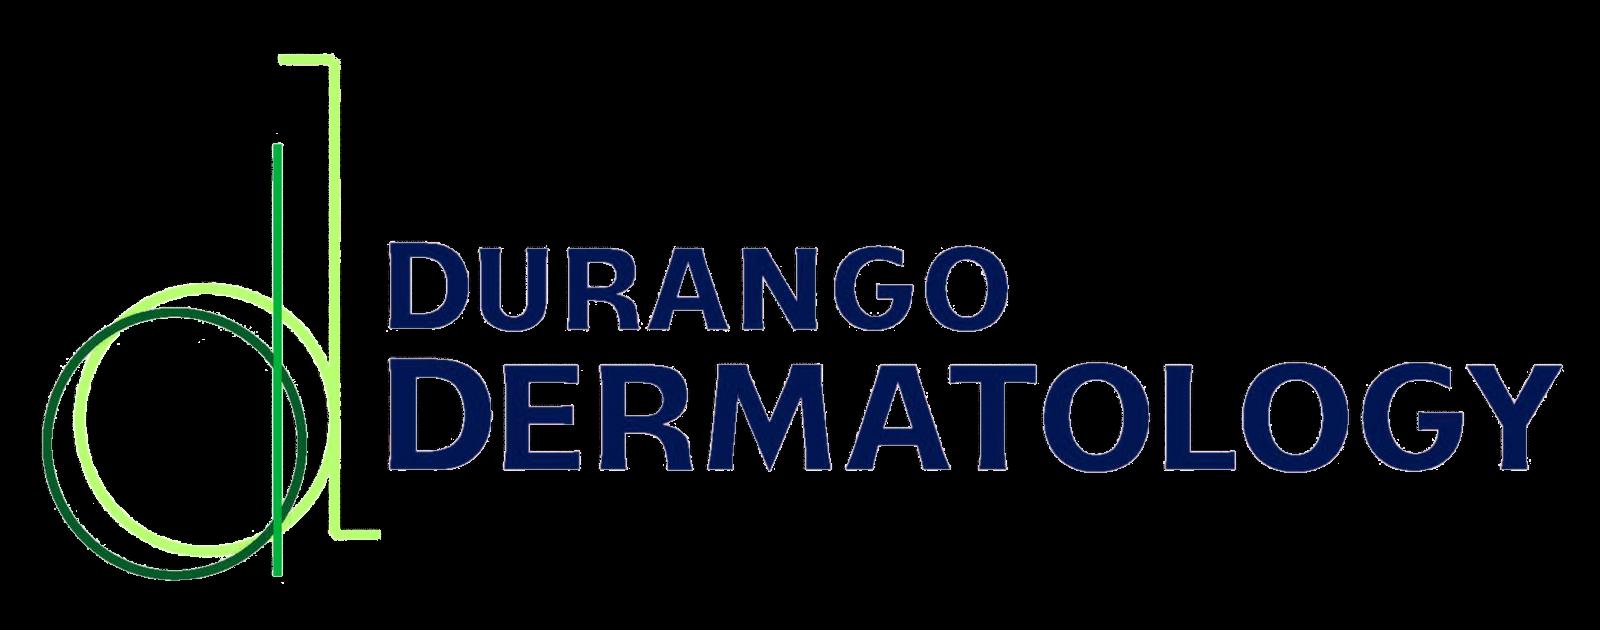 Online dating Durango Colorado